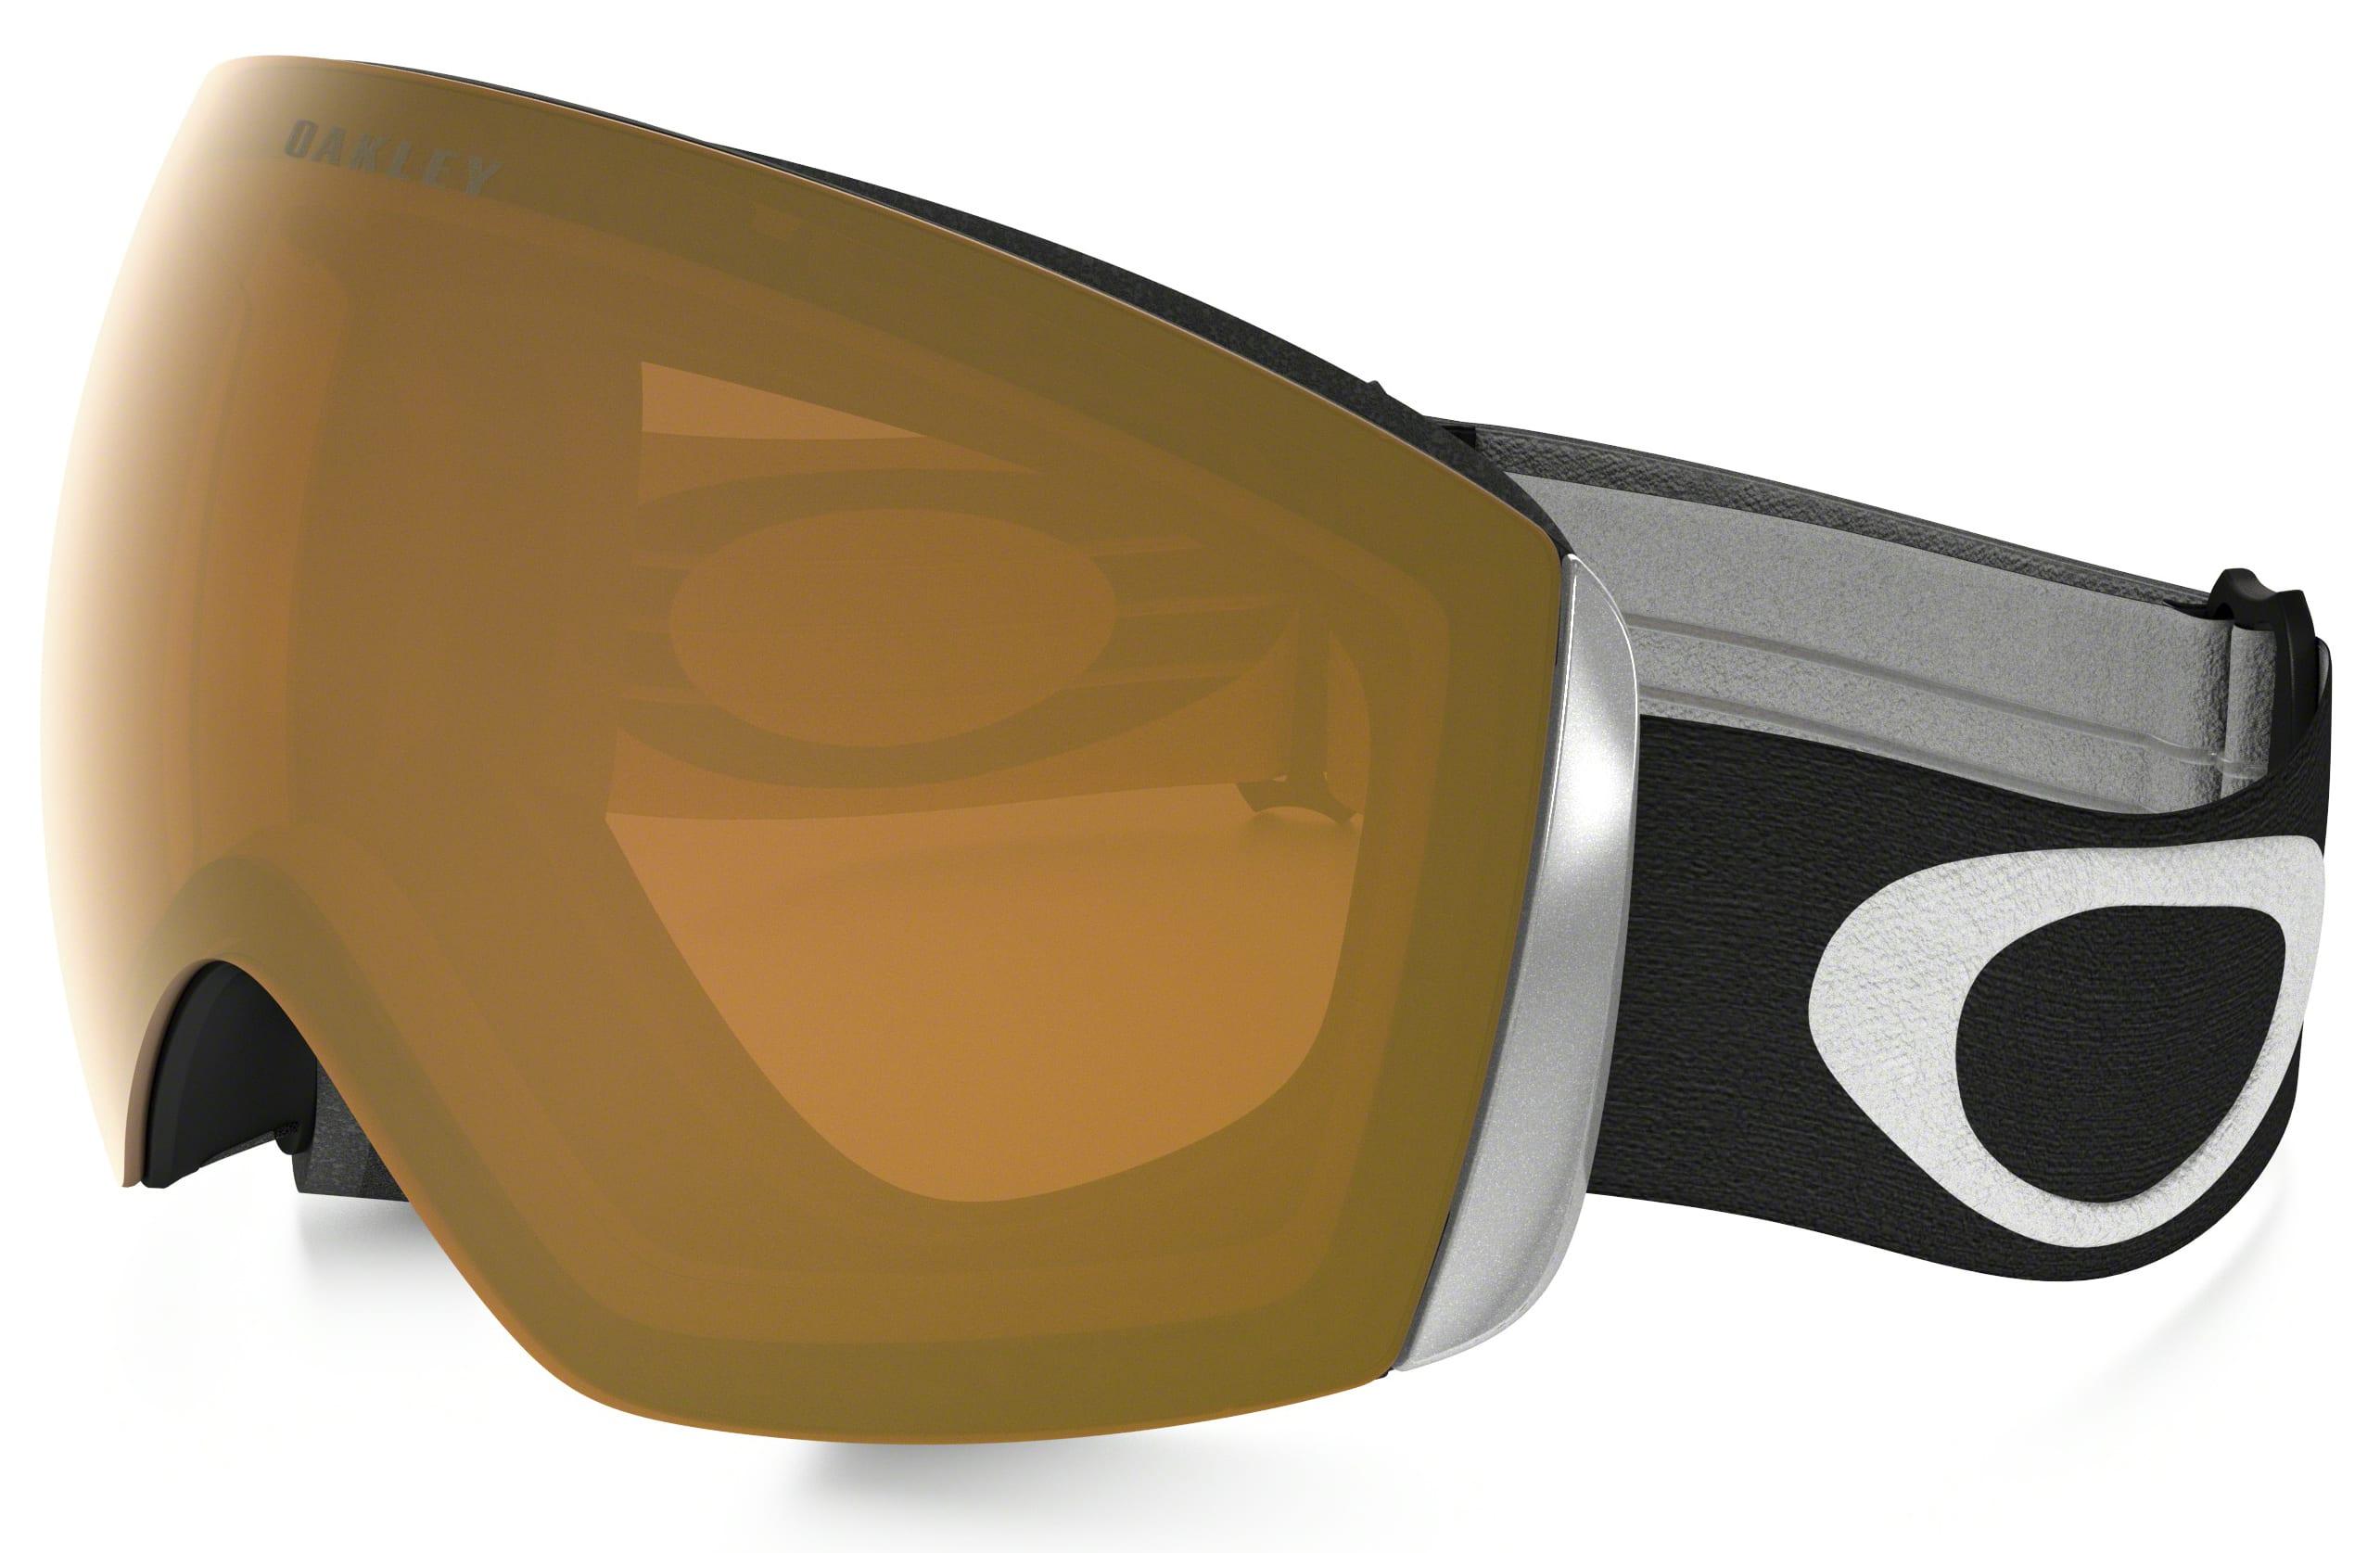 9db47e8f50 Oakley Flight Deck Snow Goggles On Sale « Heritage Malta